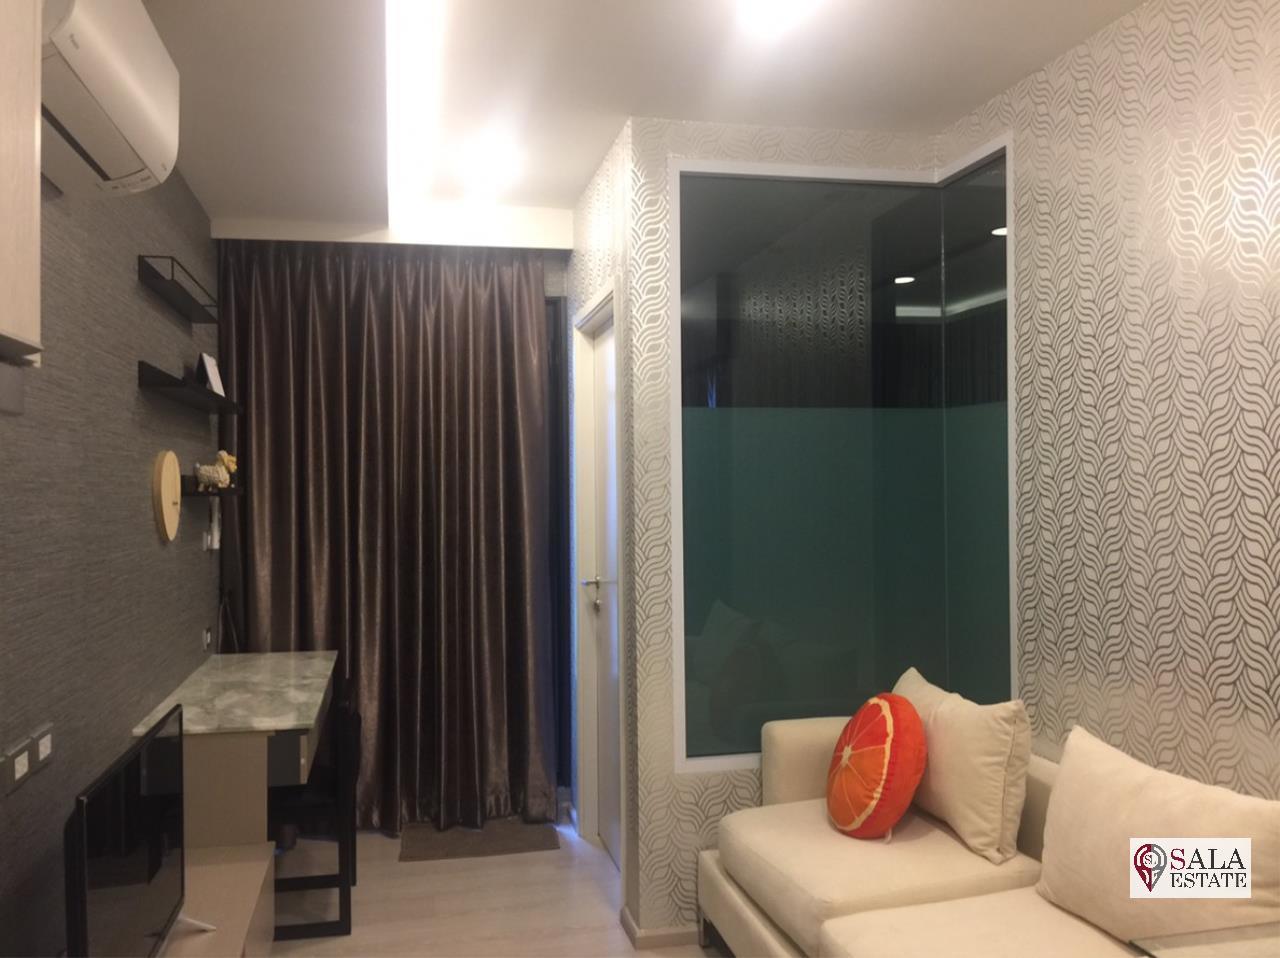 SALA ESTATE Agency's ( FOR RENT ) VTARA SUKHUMVIT 36 - BTS THONG LO , 1 BEDROOM 1 BATHROOM, FULLY FURNISHED 2